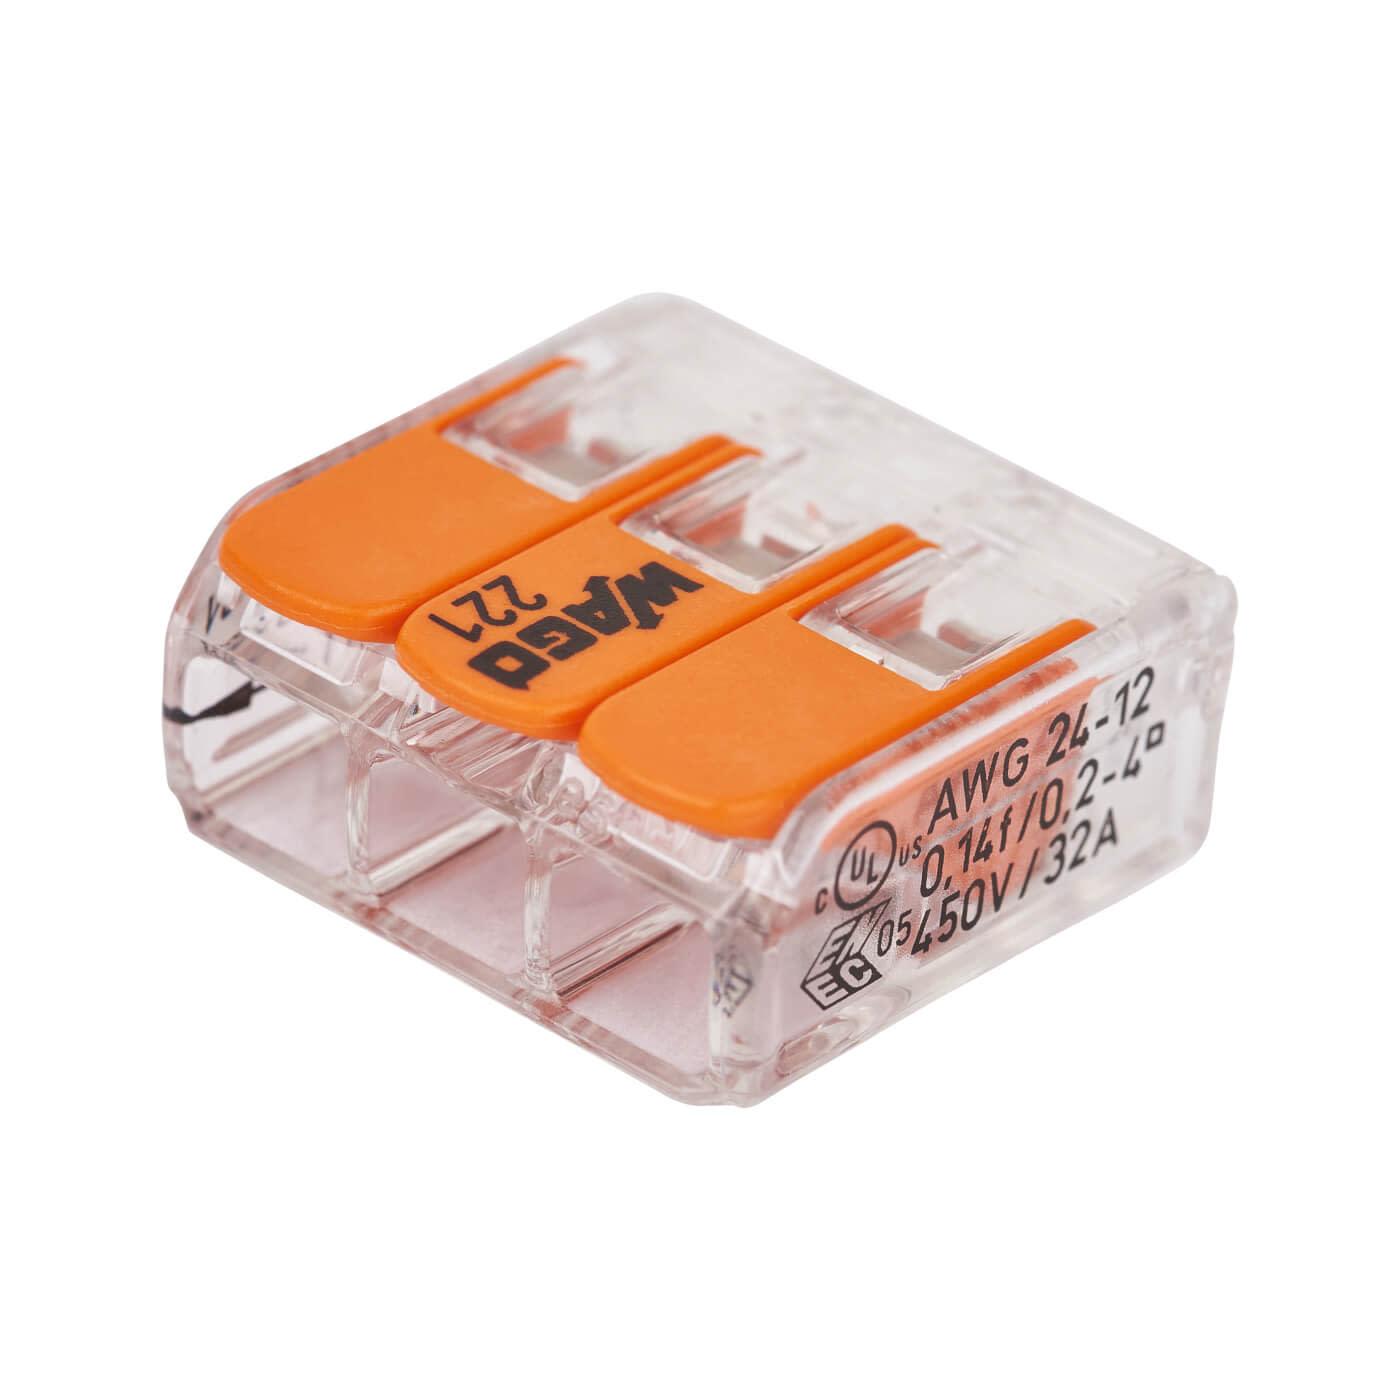 Wago 3 Way Compact Splicing Connector)